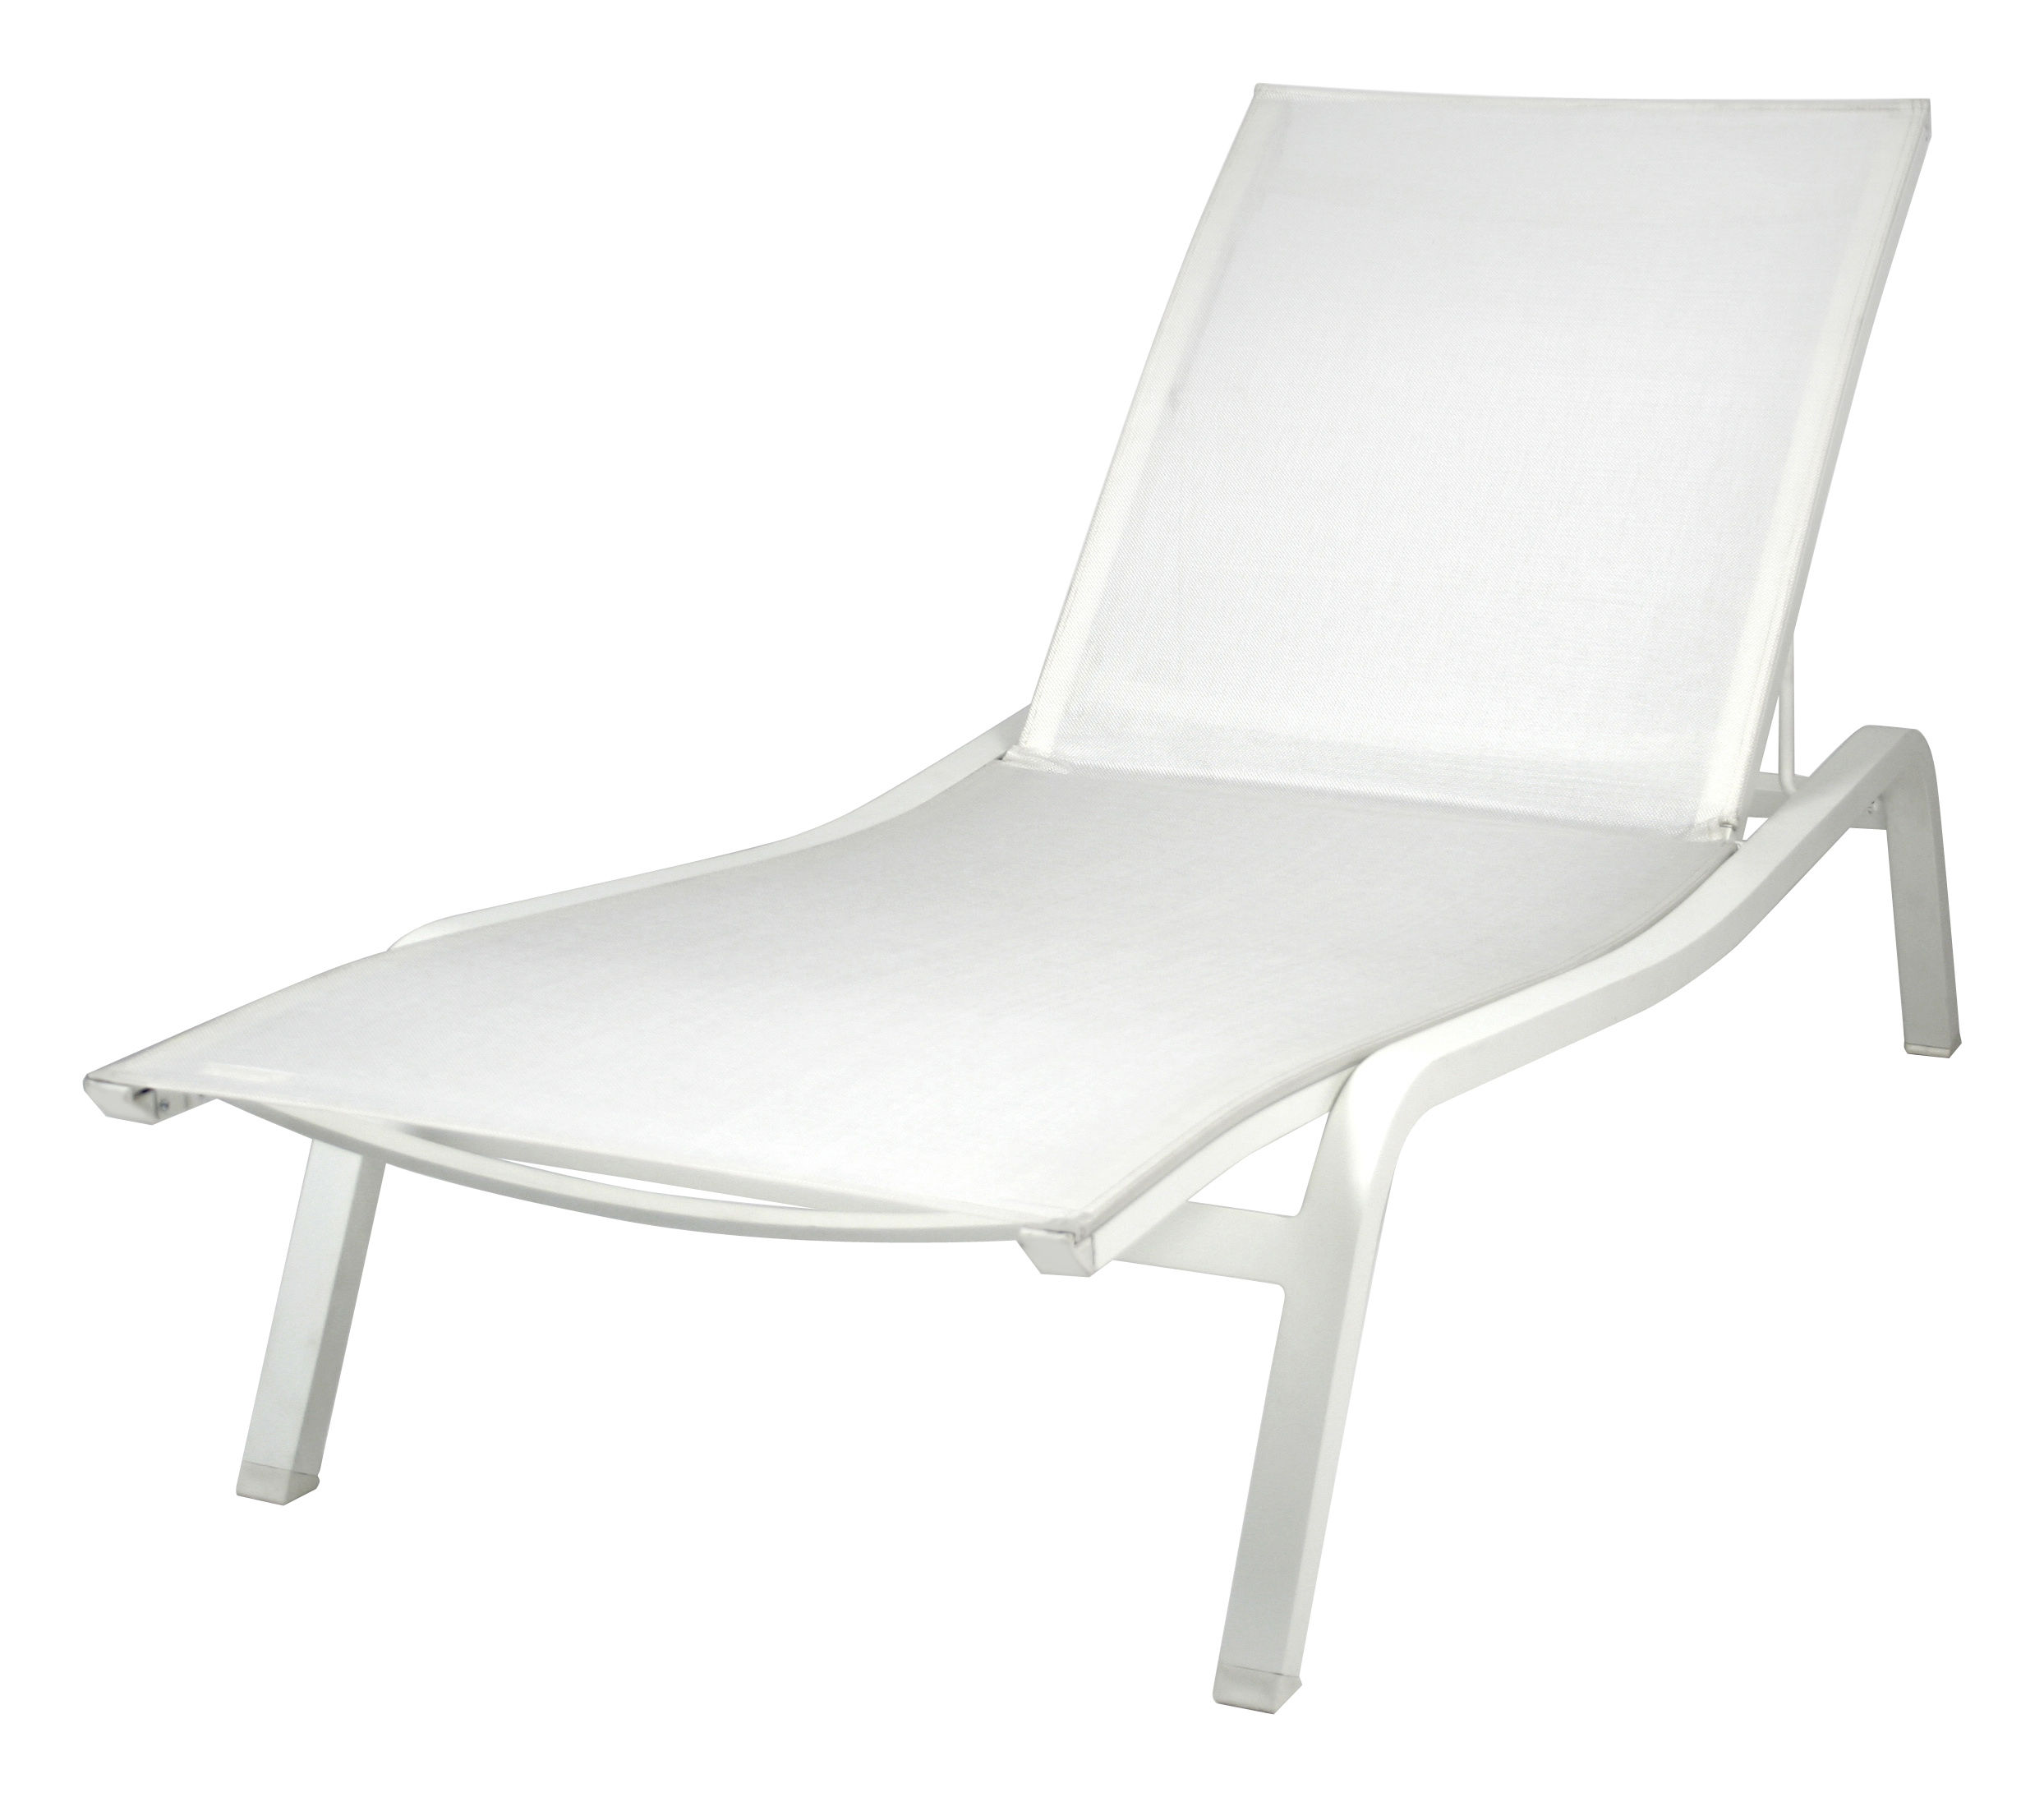 Jardin - Chaises longues et hamacs - Bain de soleil Alizé XS larg 72 cm / 3 positions - Fermob - Blanc coton - Aluminium laqué, Toile polyester